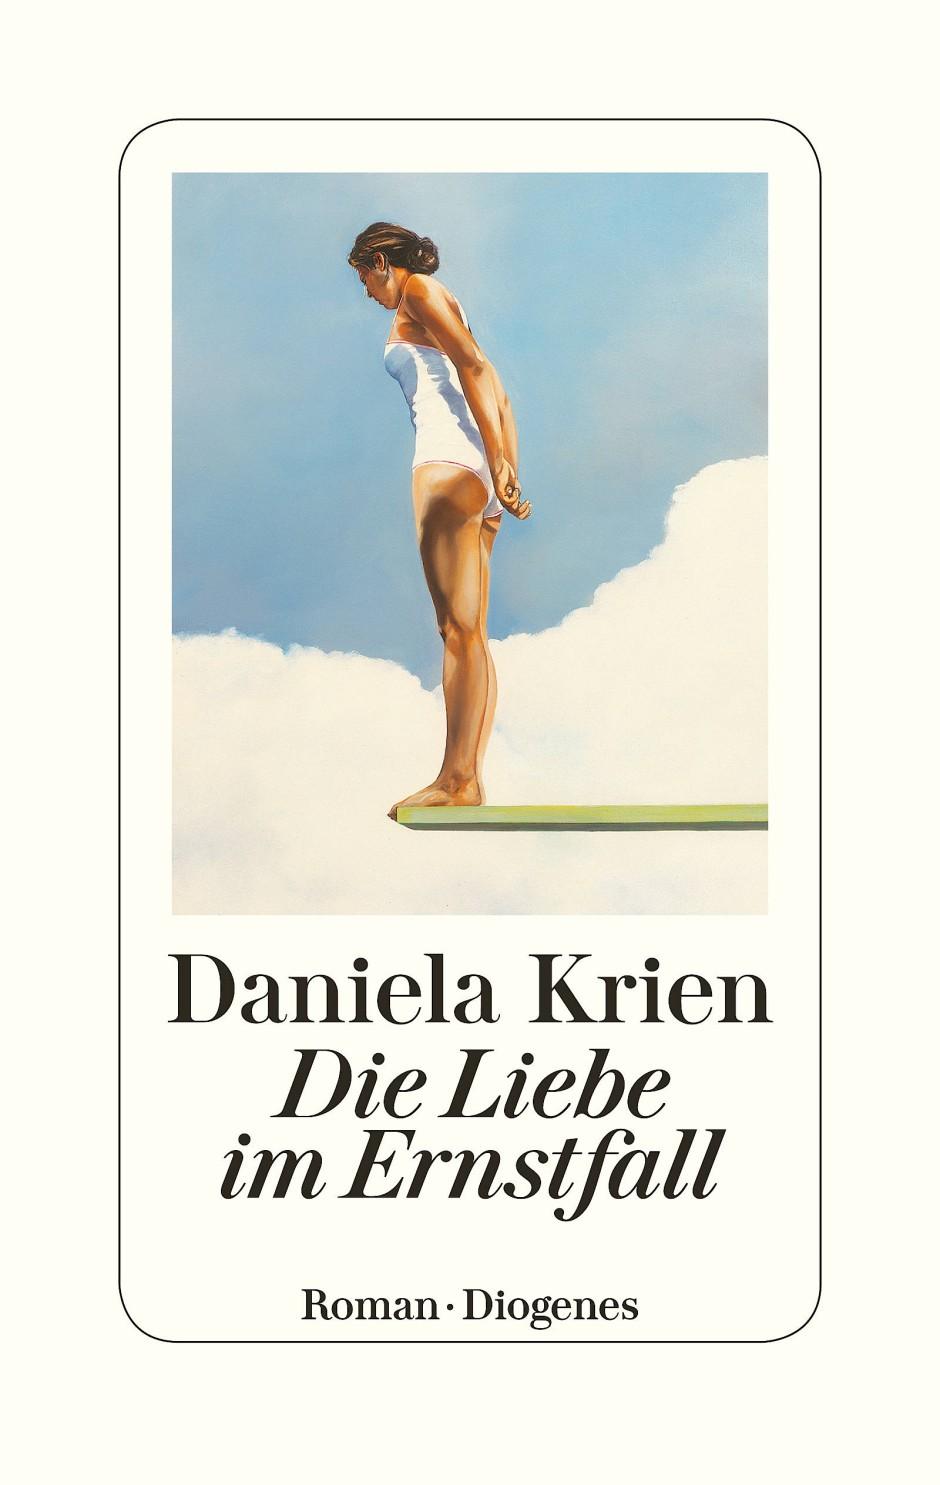 """Daniela Krien: """"Die Liebe im Ernstfall"""". Roman. Diogenes Verlag, Zürich 2019. 288 S., geb., 22,– Euro."""